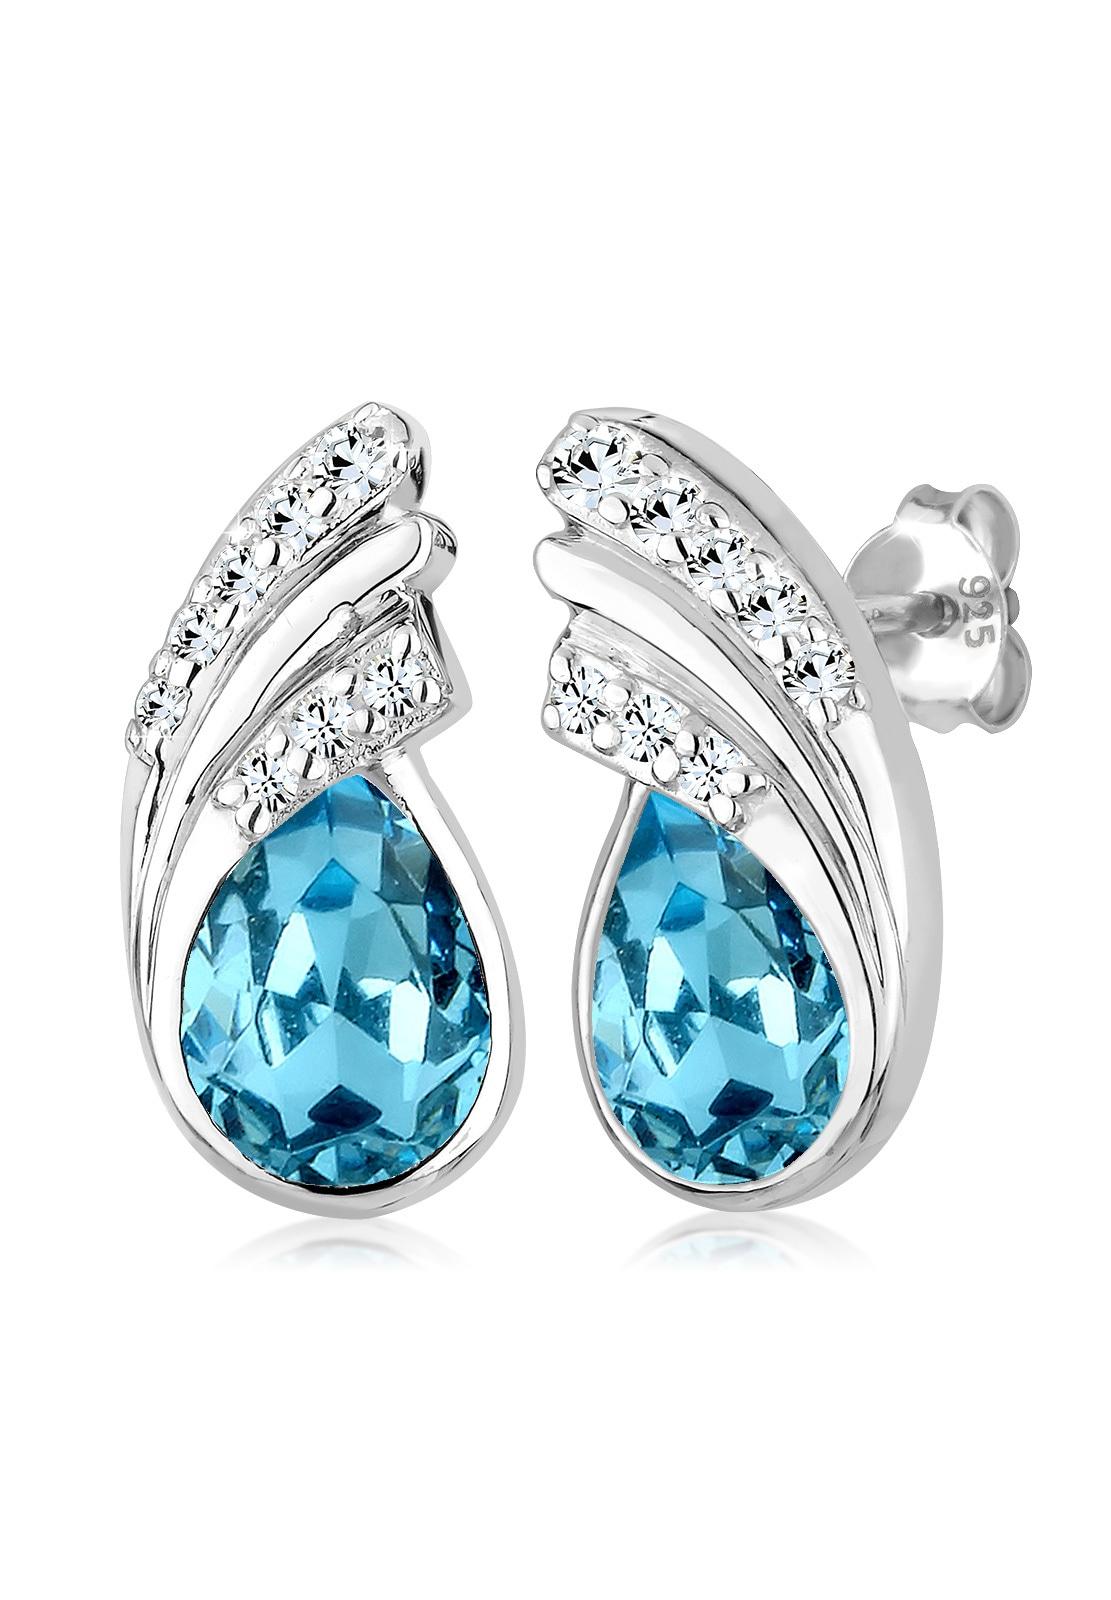 Elli Paar Ohrstecker Tropfen Swarovski Kristalle Basic Glamour Silber | Schmuck > Ohrschmuck & Ohrringe > Ohrstecker | Blau | Elli